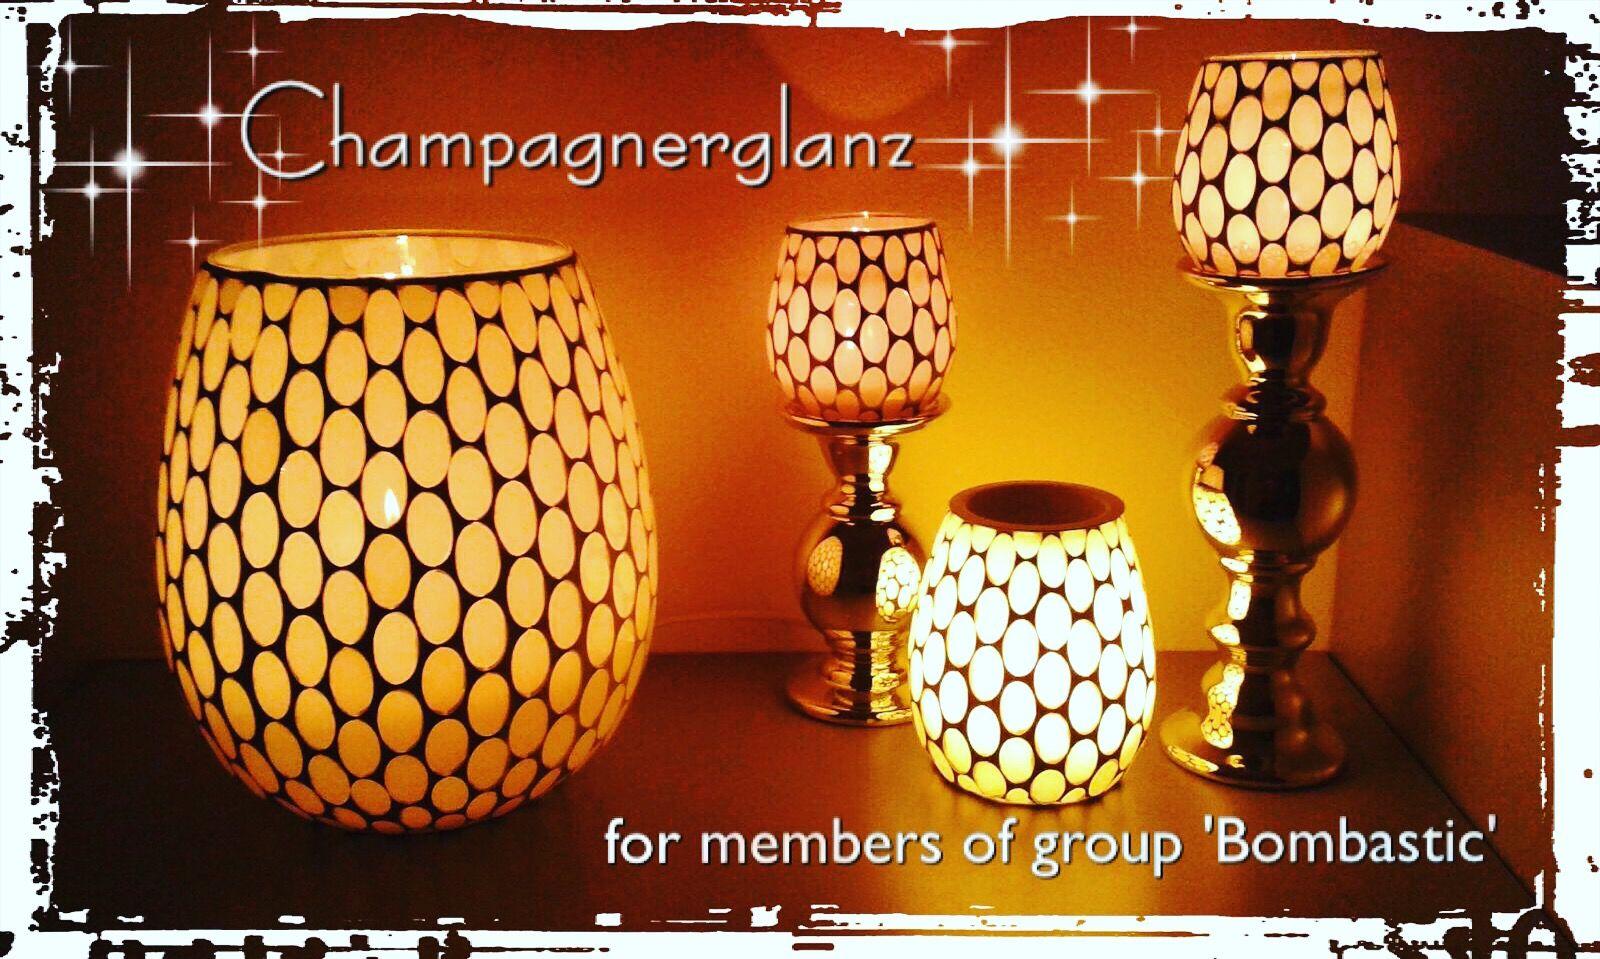 Eleganz Mit Glanz Champagnerglanz Kerzen Shop Partylite